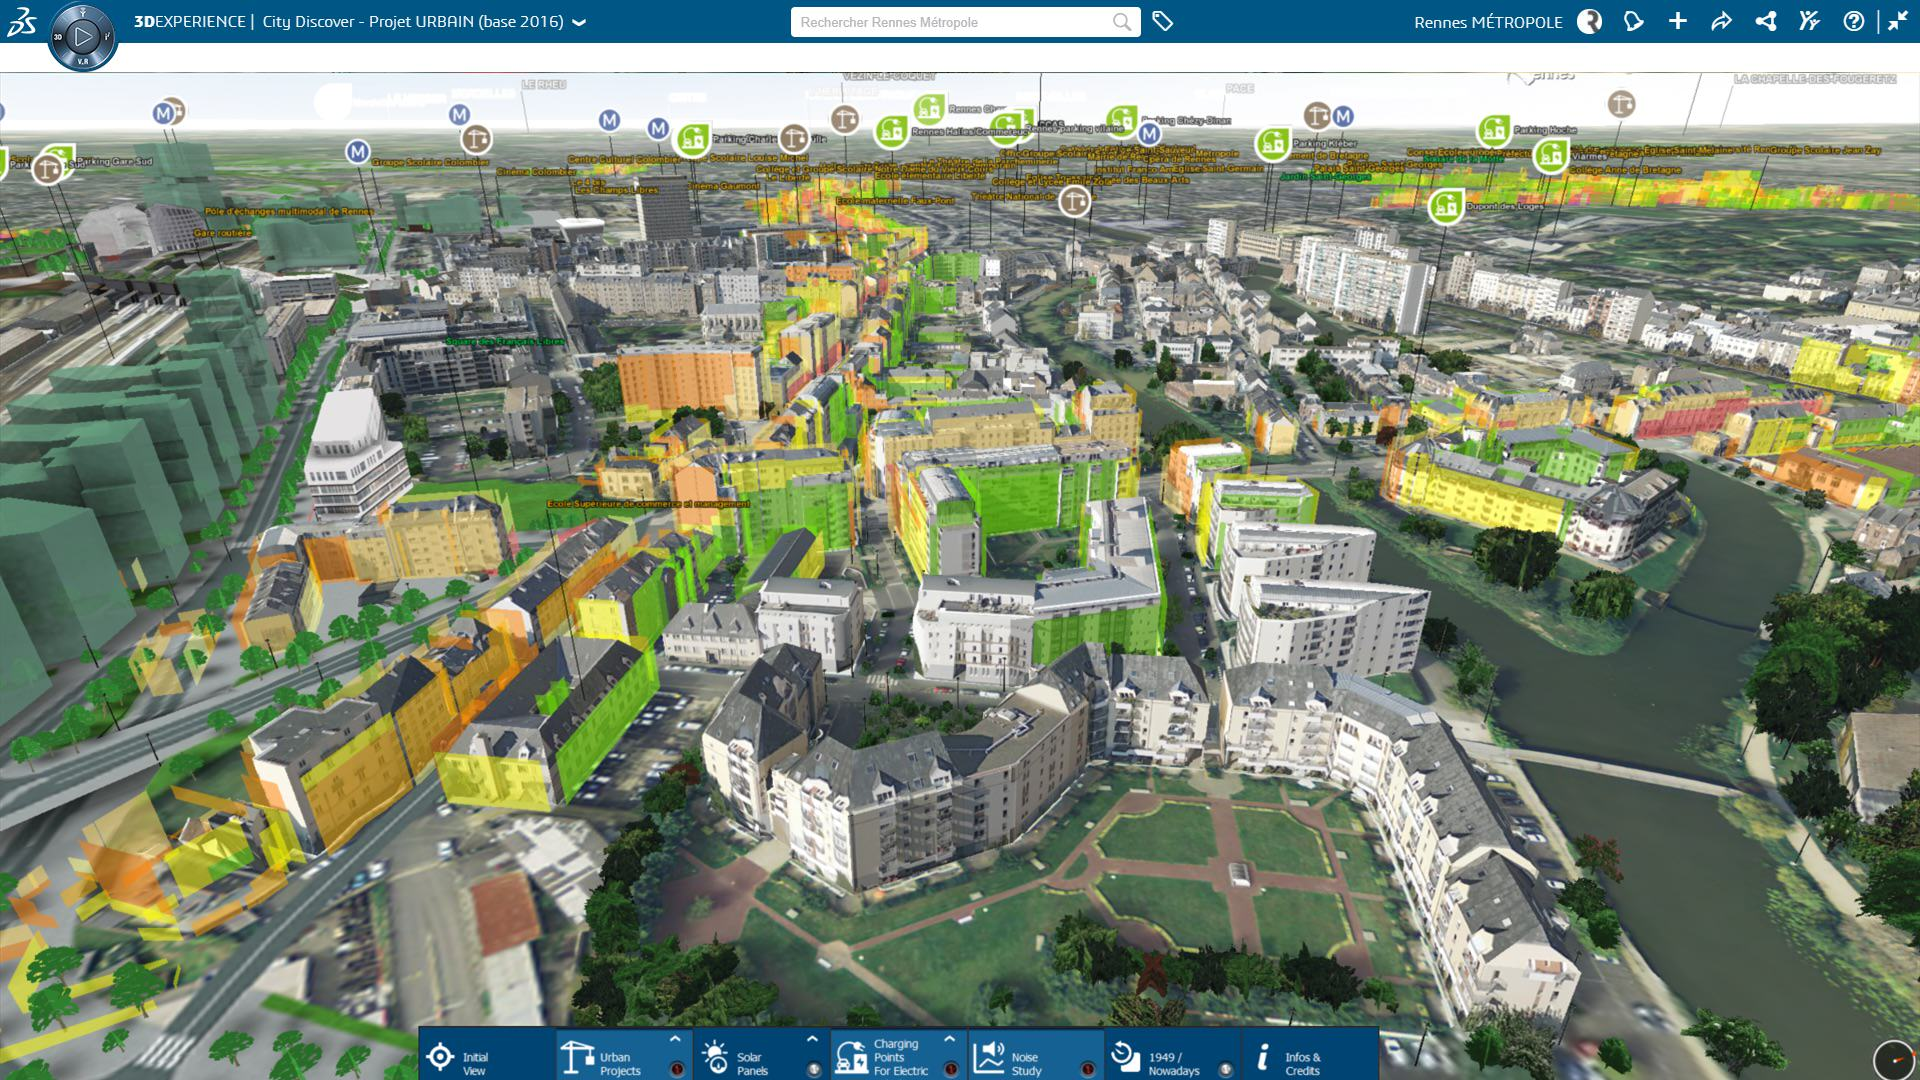 Rennes_indicateurs_copyright Rennes Metropole